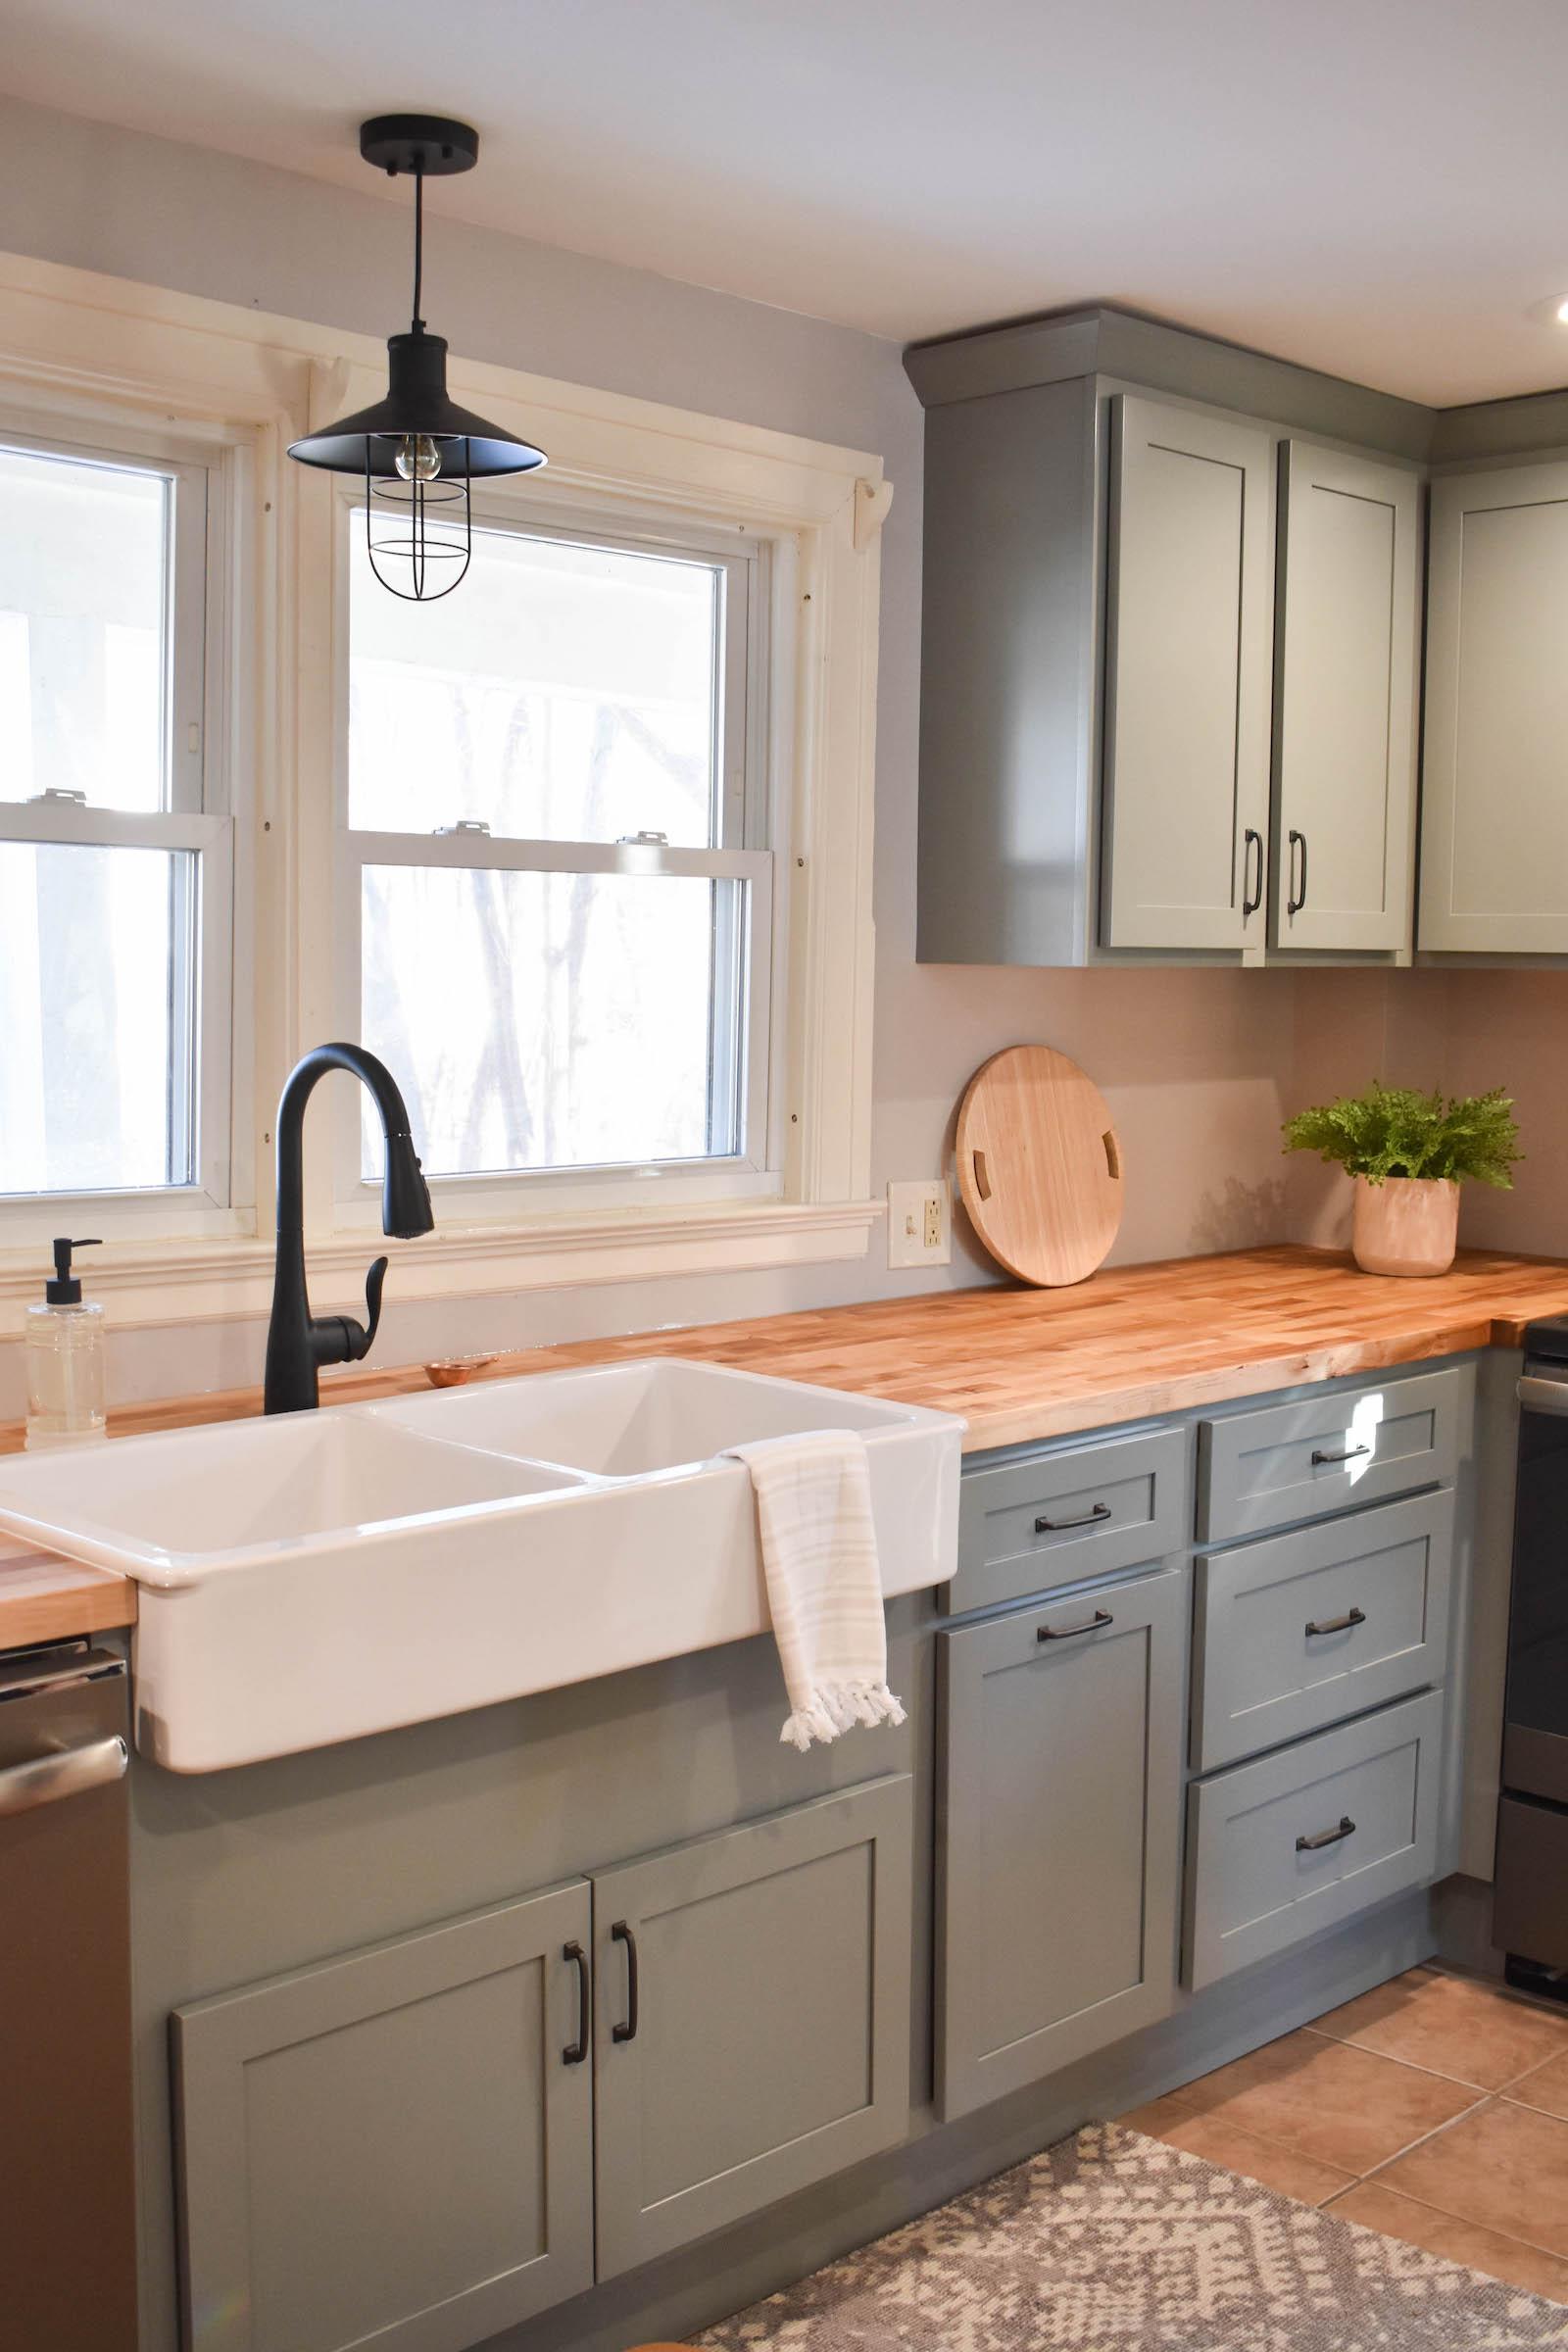 Otter Creek Homes Kitchen Design